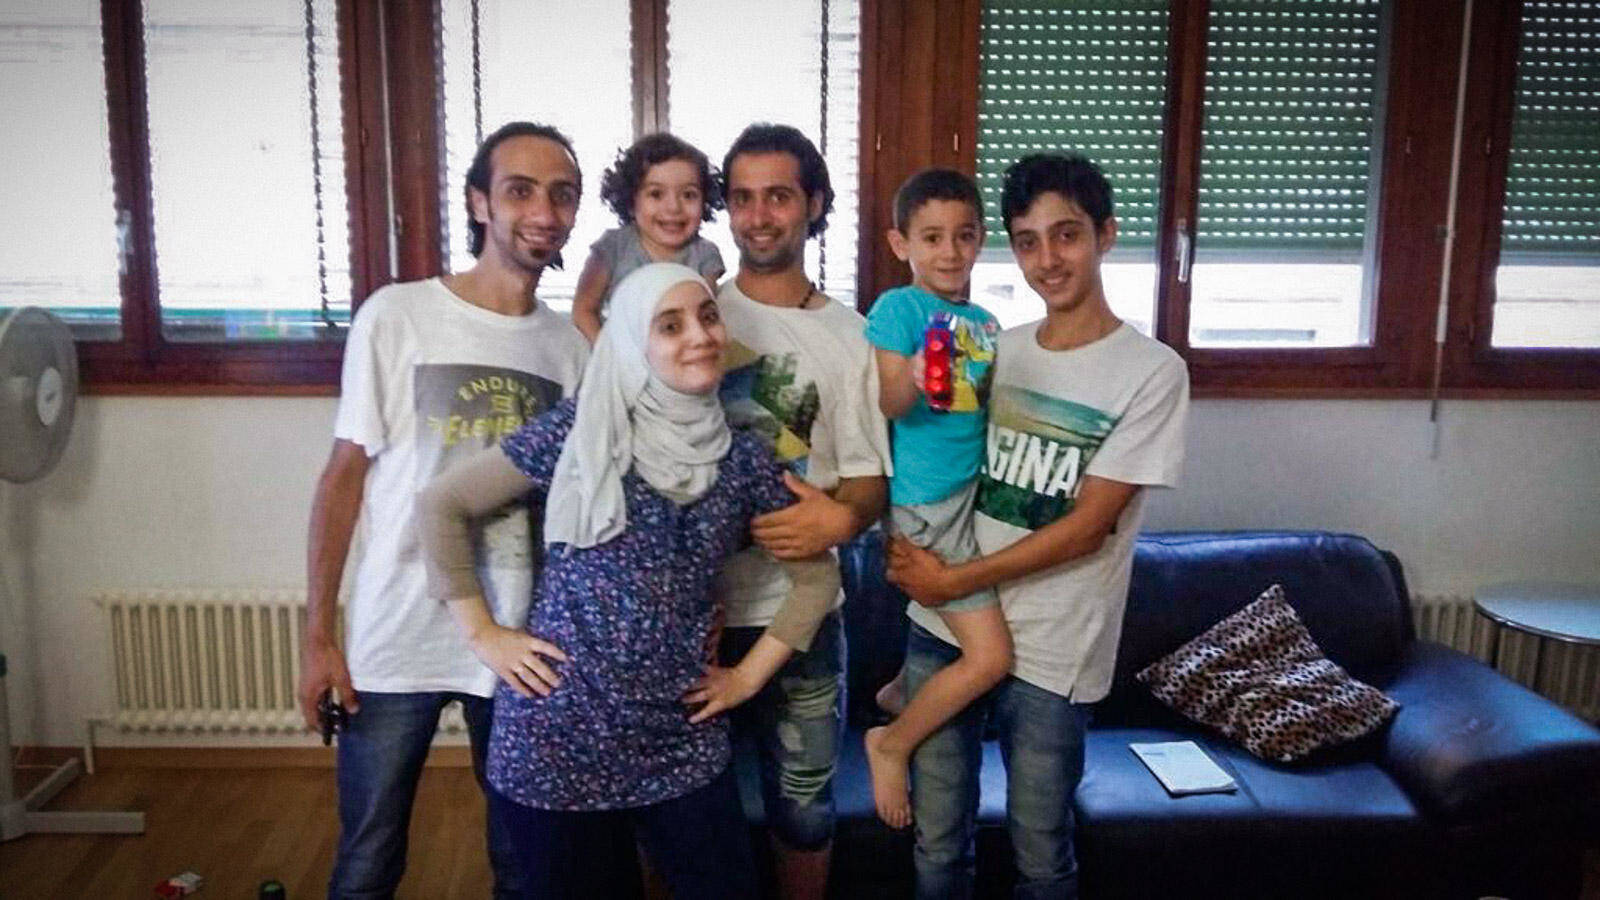 Надим и его братья добрались до Швейцарии в августе 2015 года и оказались в Женеве, где уже жила их сестра.